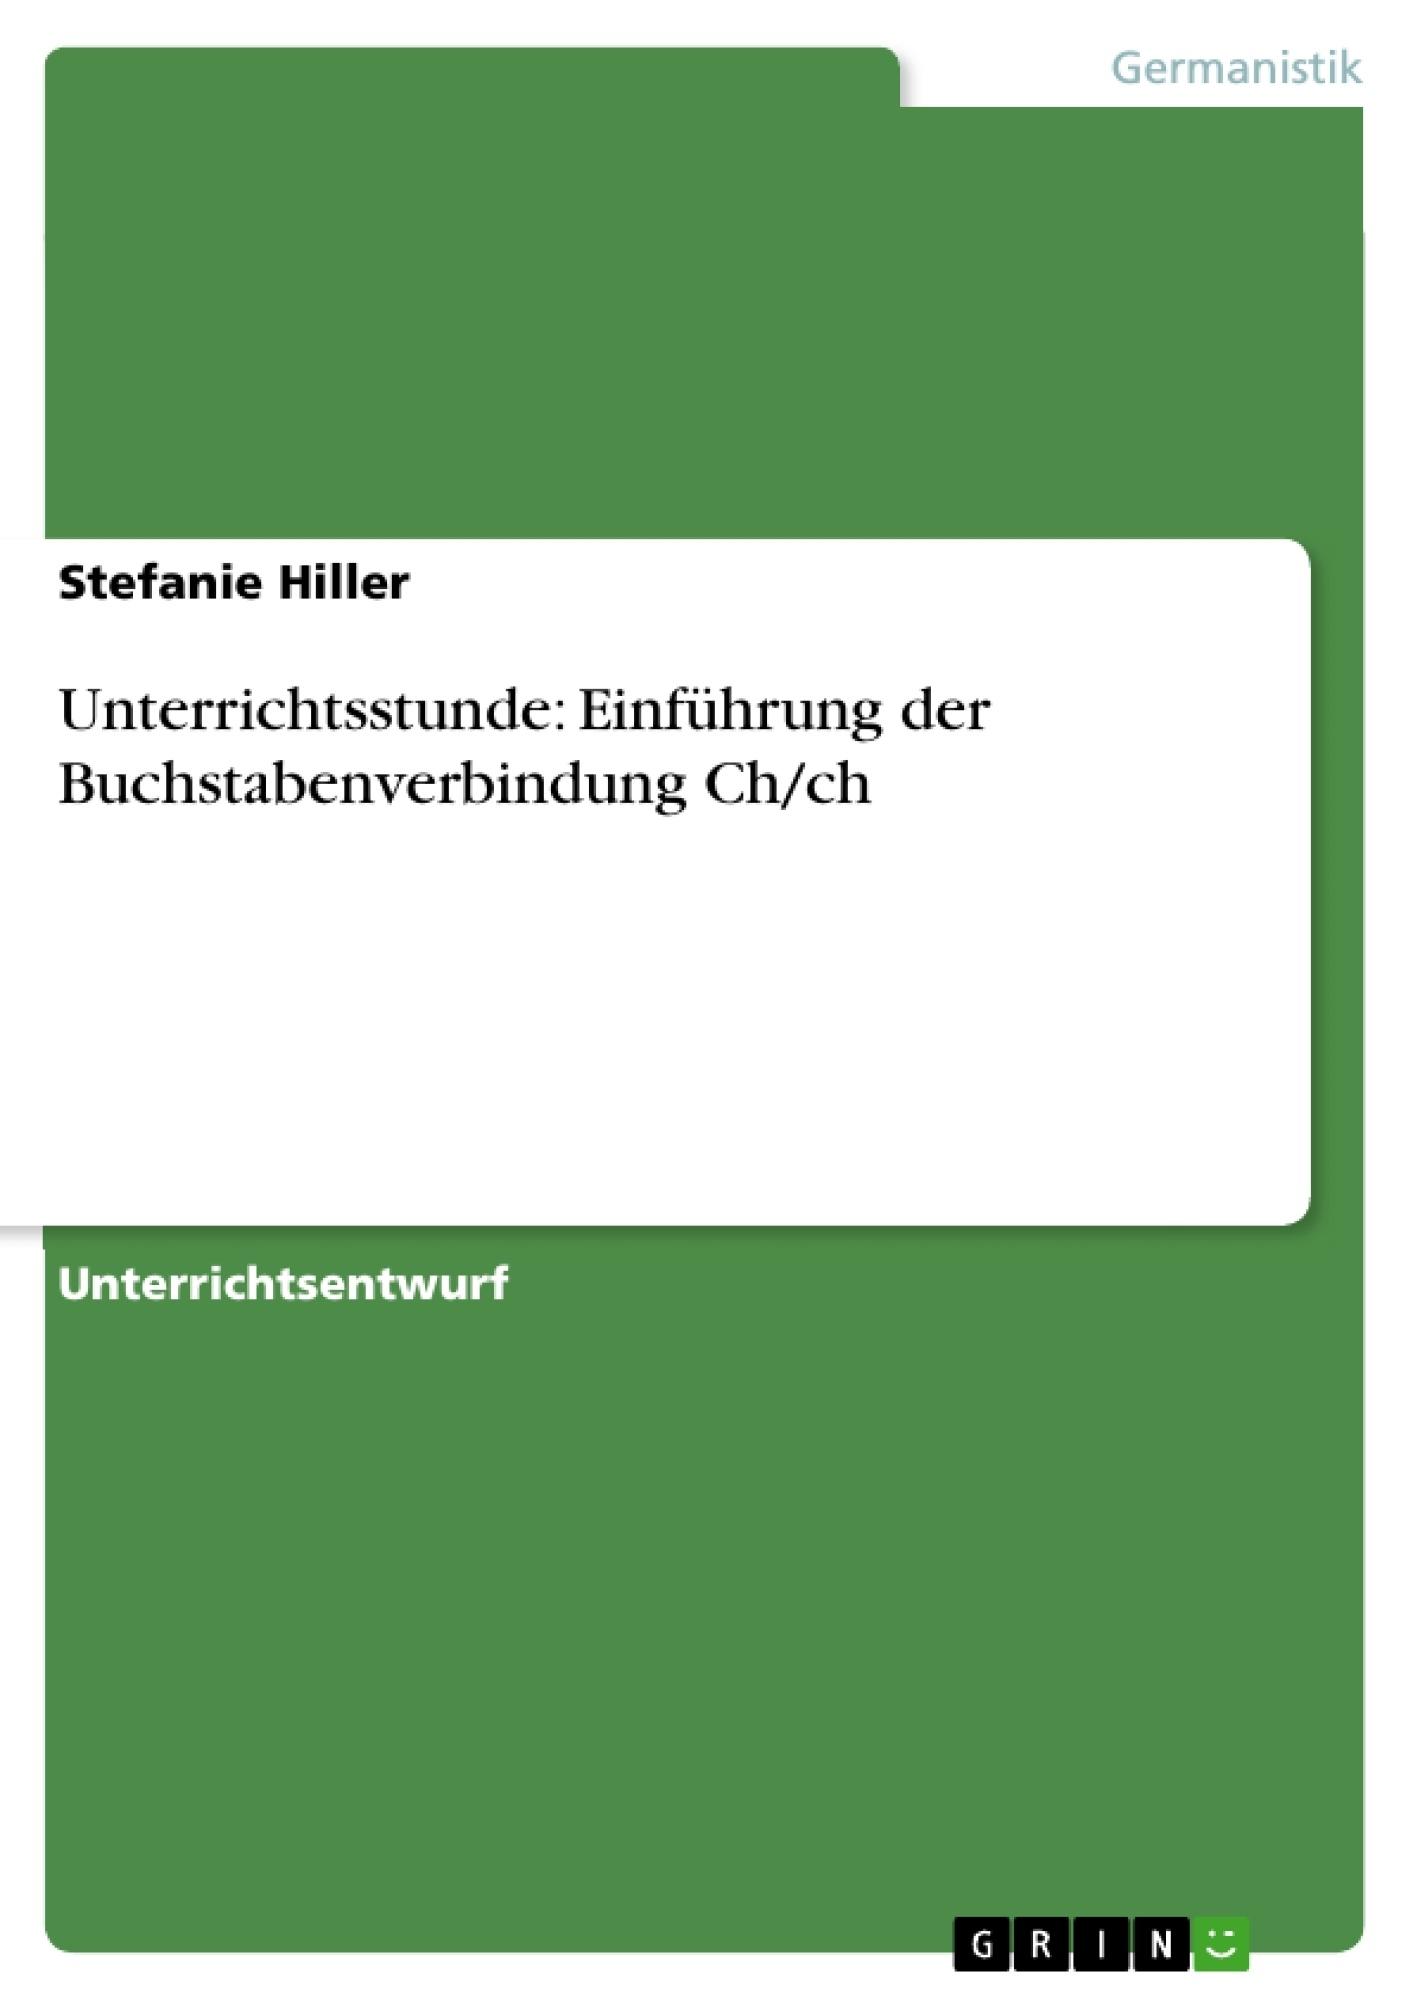 Titel: Unterrichtsstunde: Einführung der Buchstabenverbindung Ch/ch